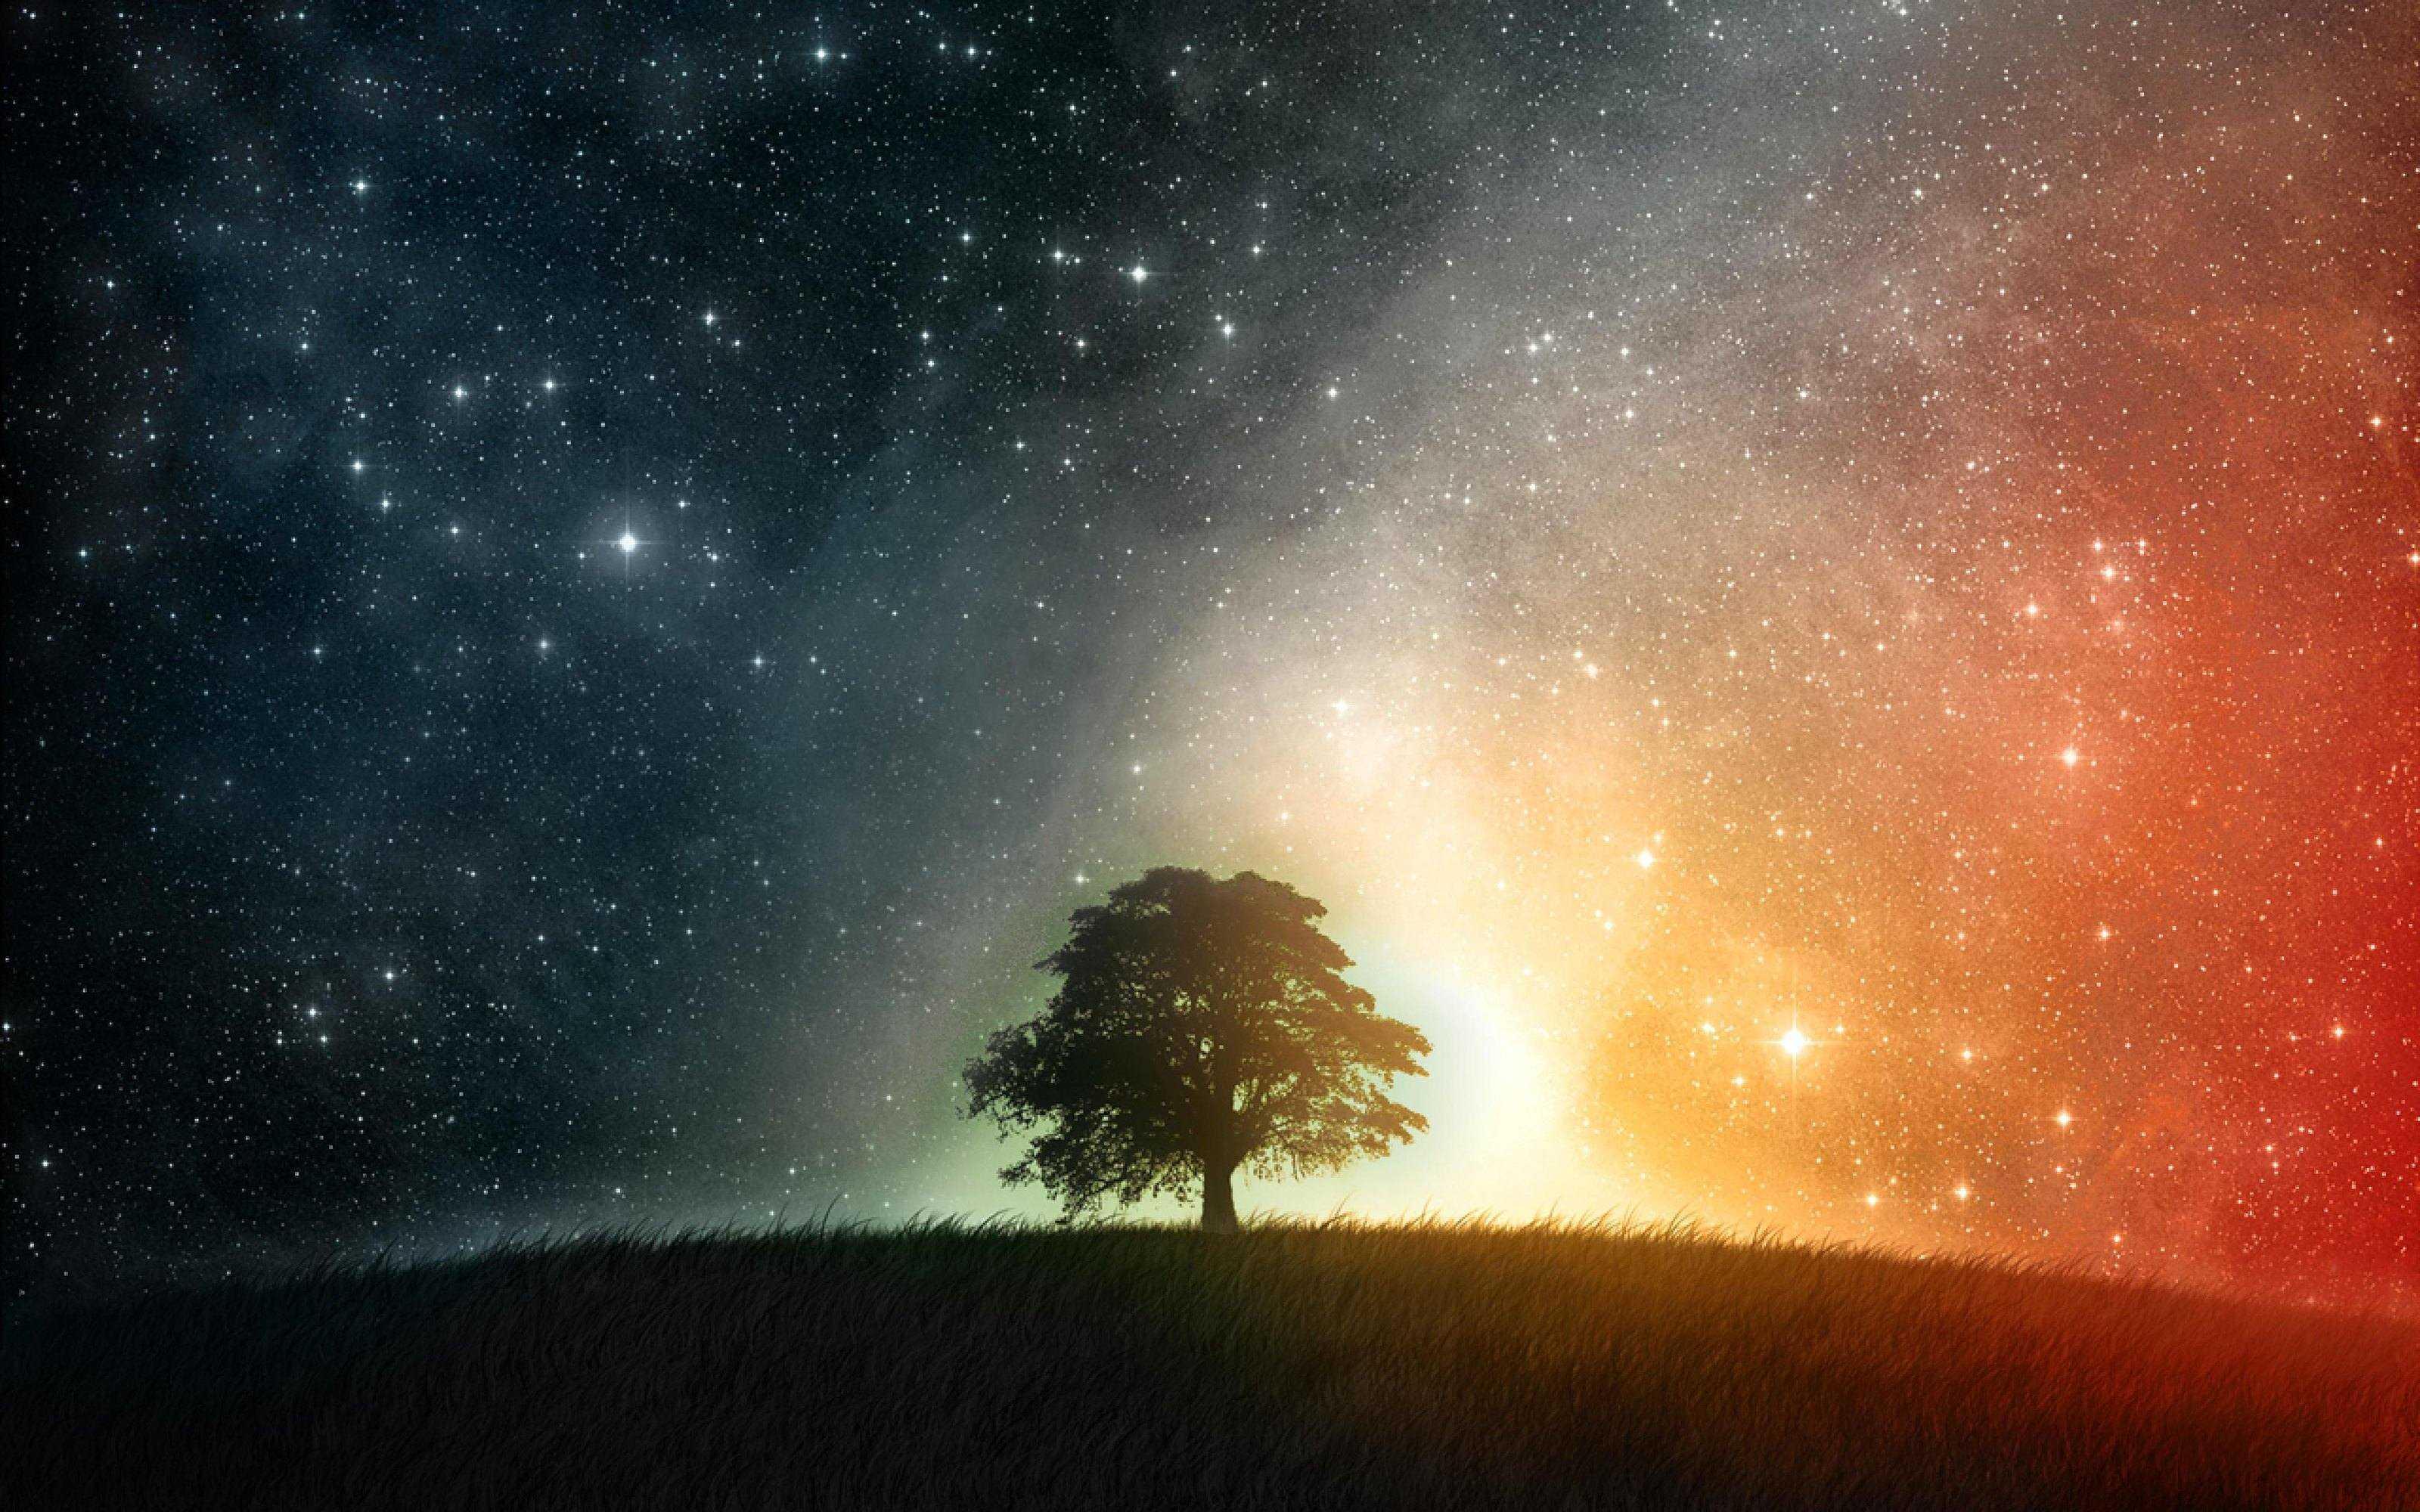 *** Определение, суть, цель и история Джйотиша — Ведической астрологии ***